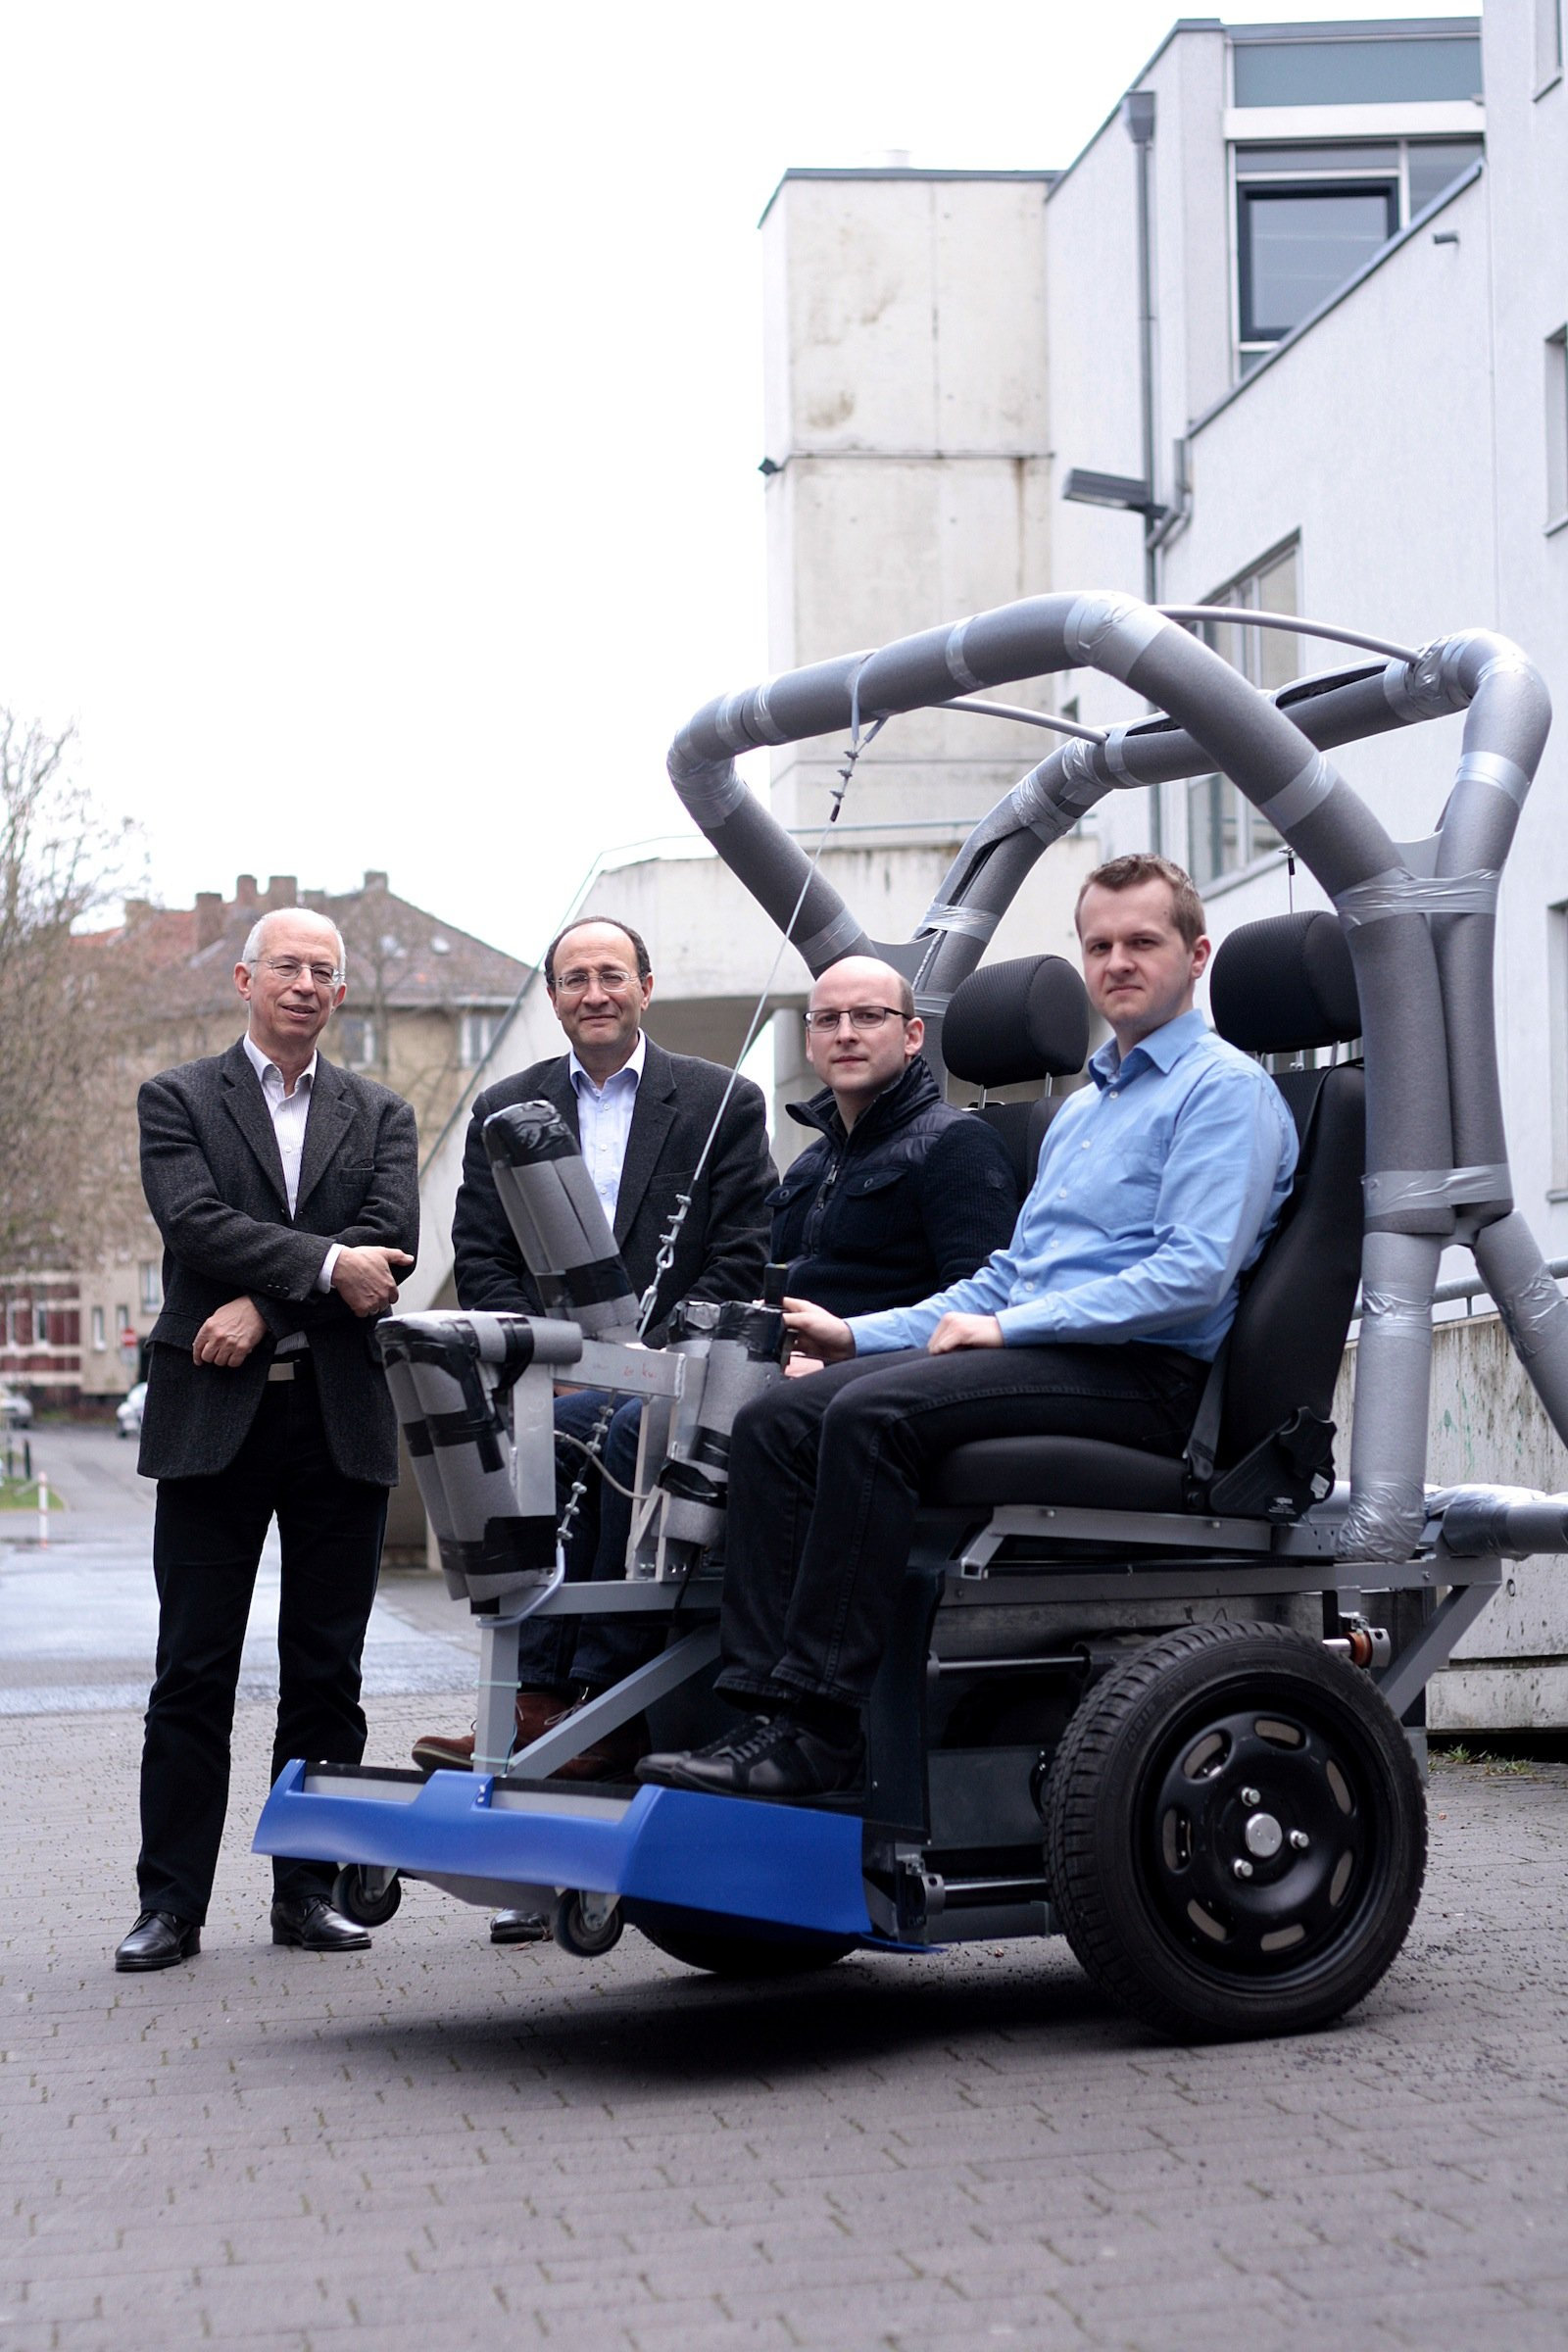 Ein Teil des Projektteams präsentiert das elektrisch betriebene Fahrzeug: Prof. Dr. Ludwig Brabetz, Dr. Mohamed Ayeb, Martin Schelhas und Paul Oborowski (v.l.). Mit Verlaub: An Größe und Ästhetik des Vehikels sollten die Herren noch ein wenig arbeiten.